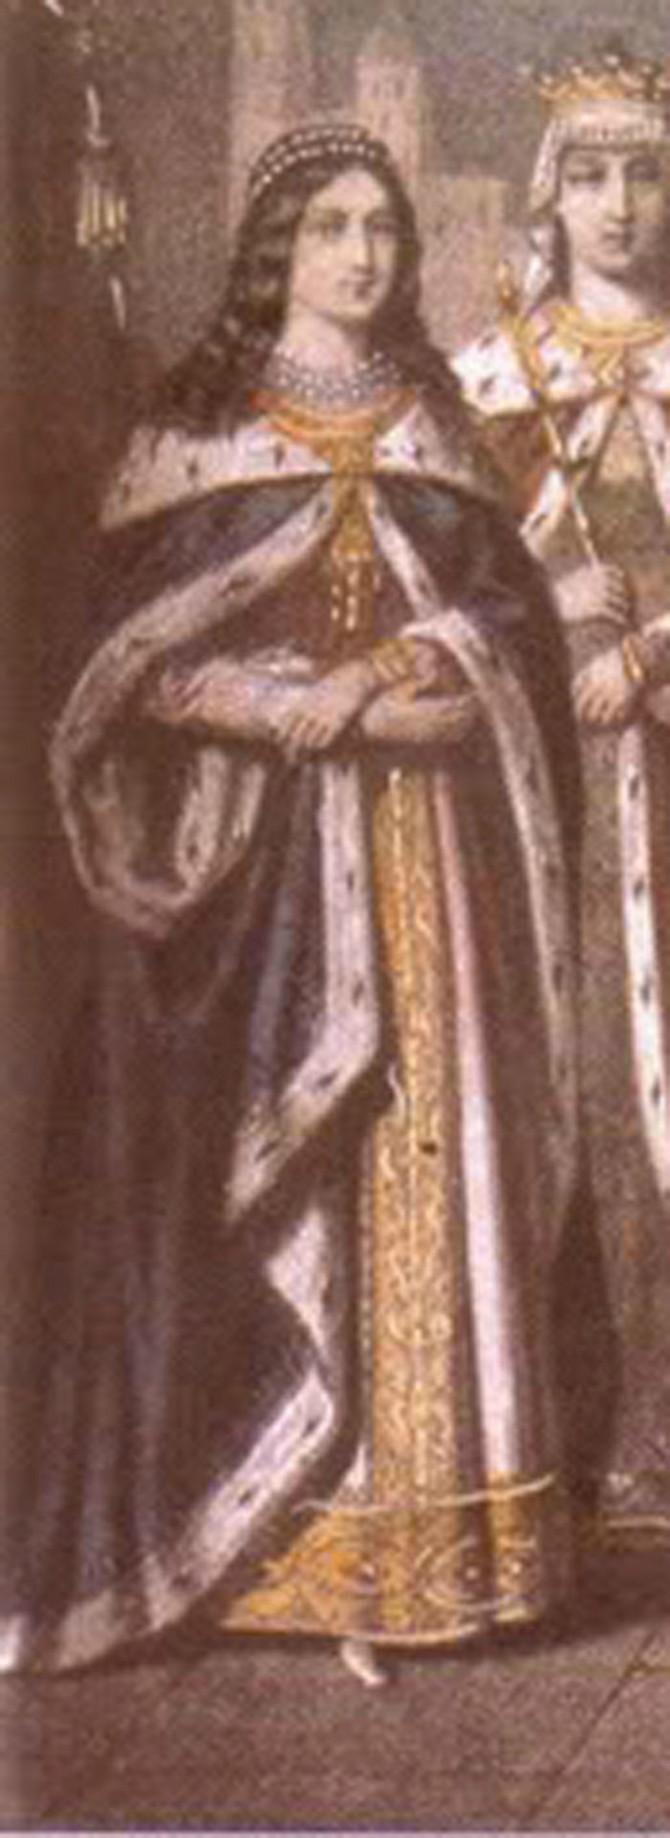 127295_princeza-olivera-lazarevic02-foto-wikipedia